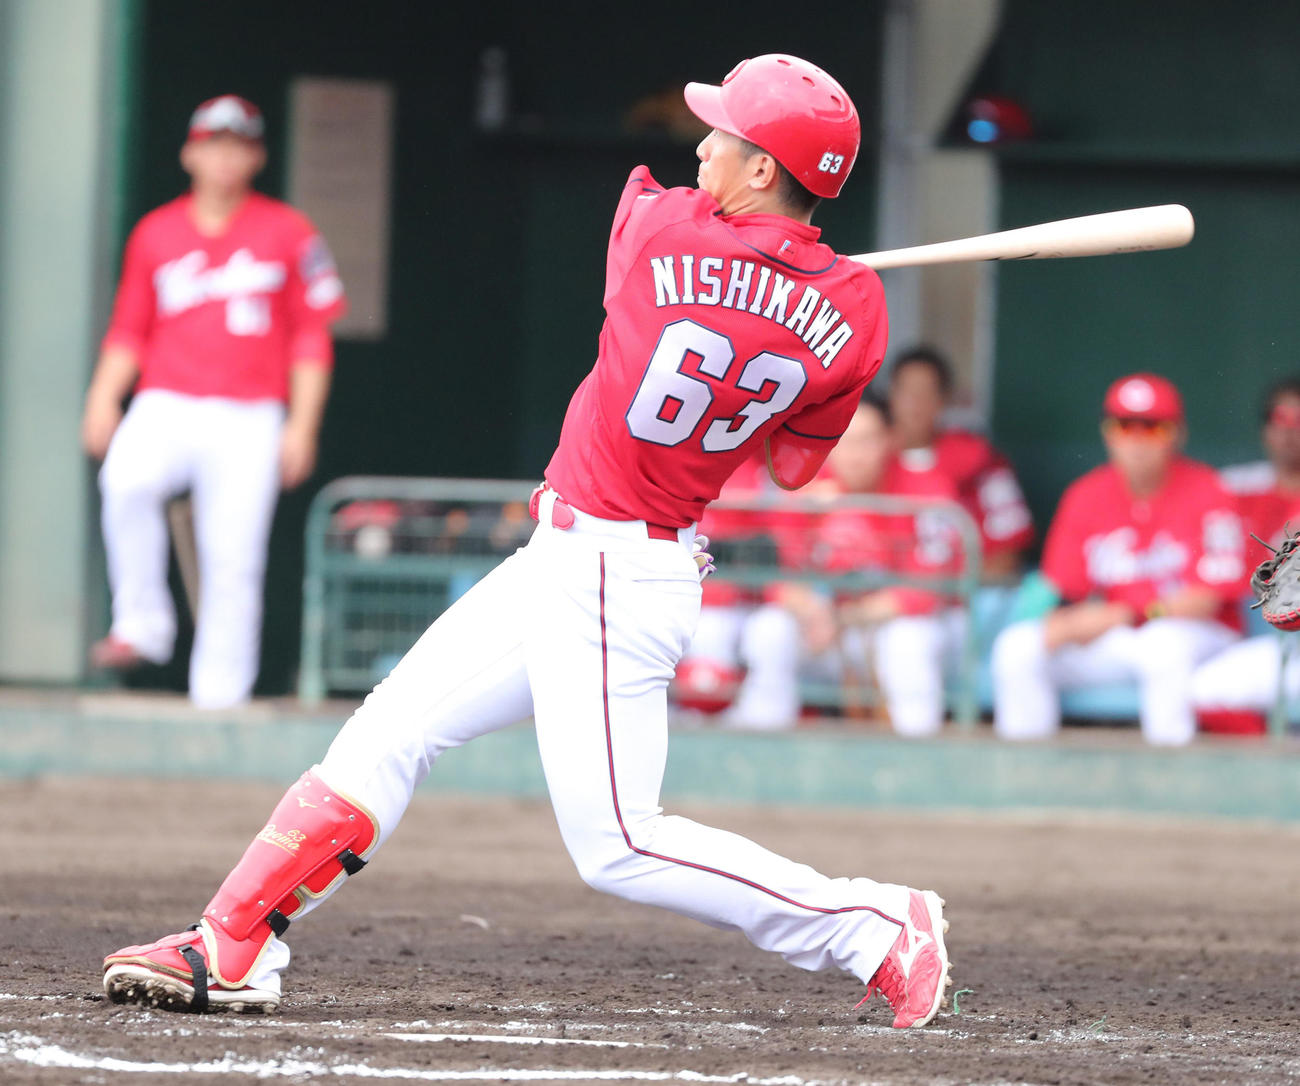 阪神対広島 3回表広島1死、右越えの先制本塁打を放つ西川龍馬(撮影・清水貴仁)